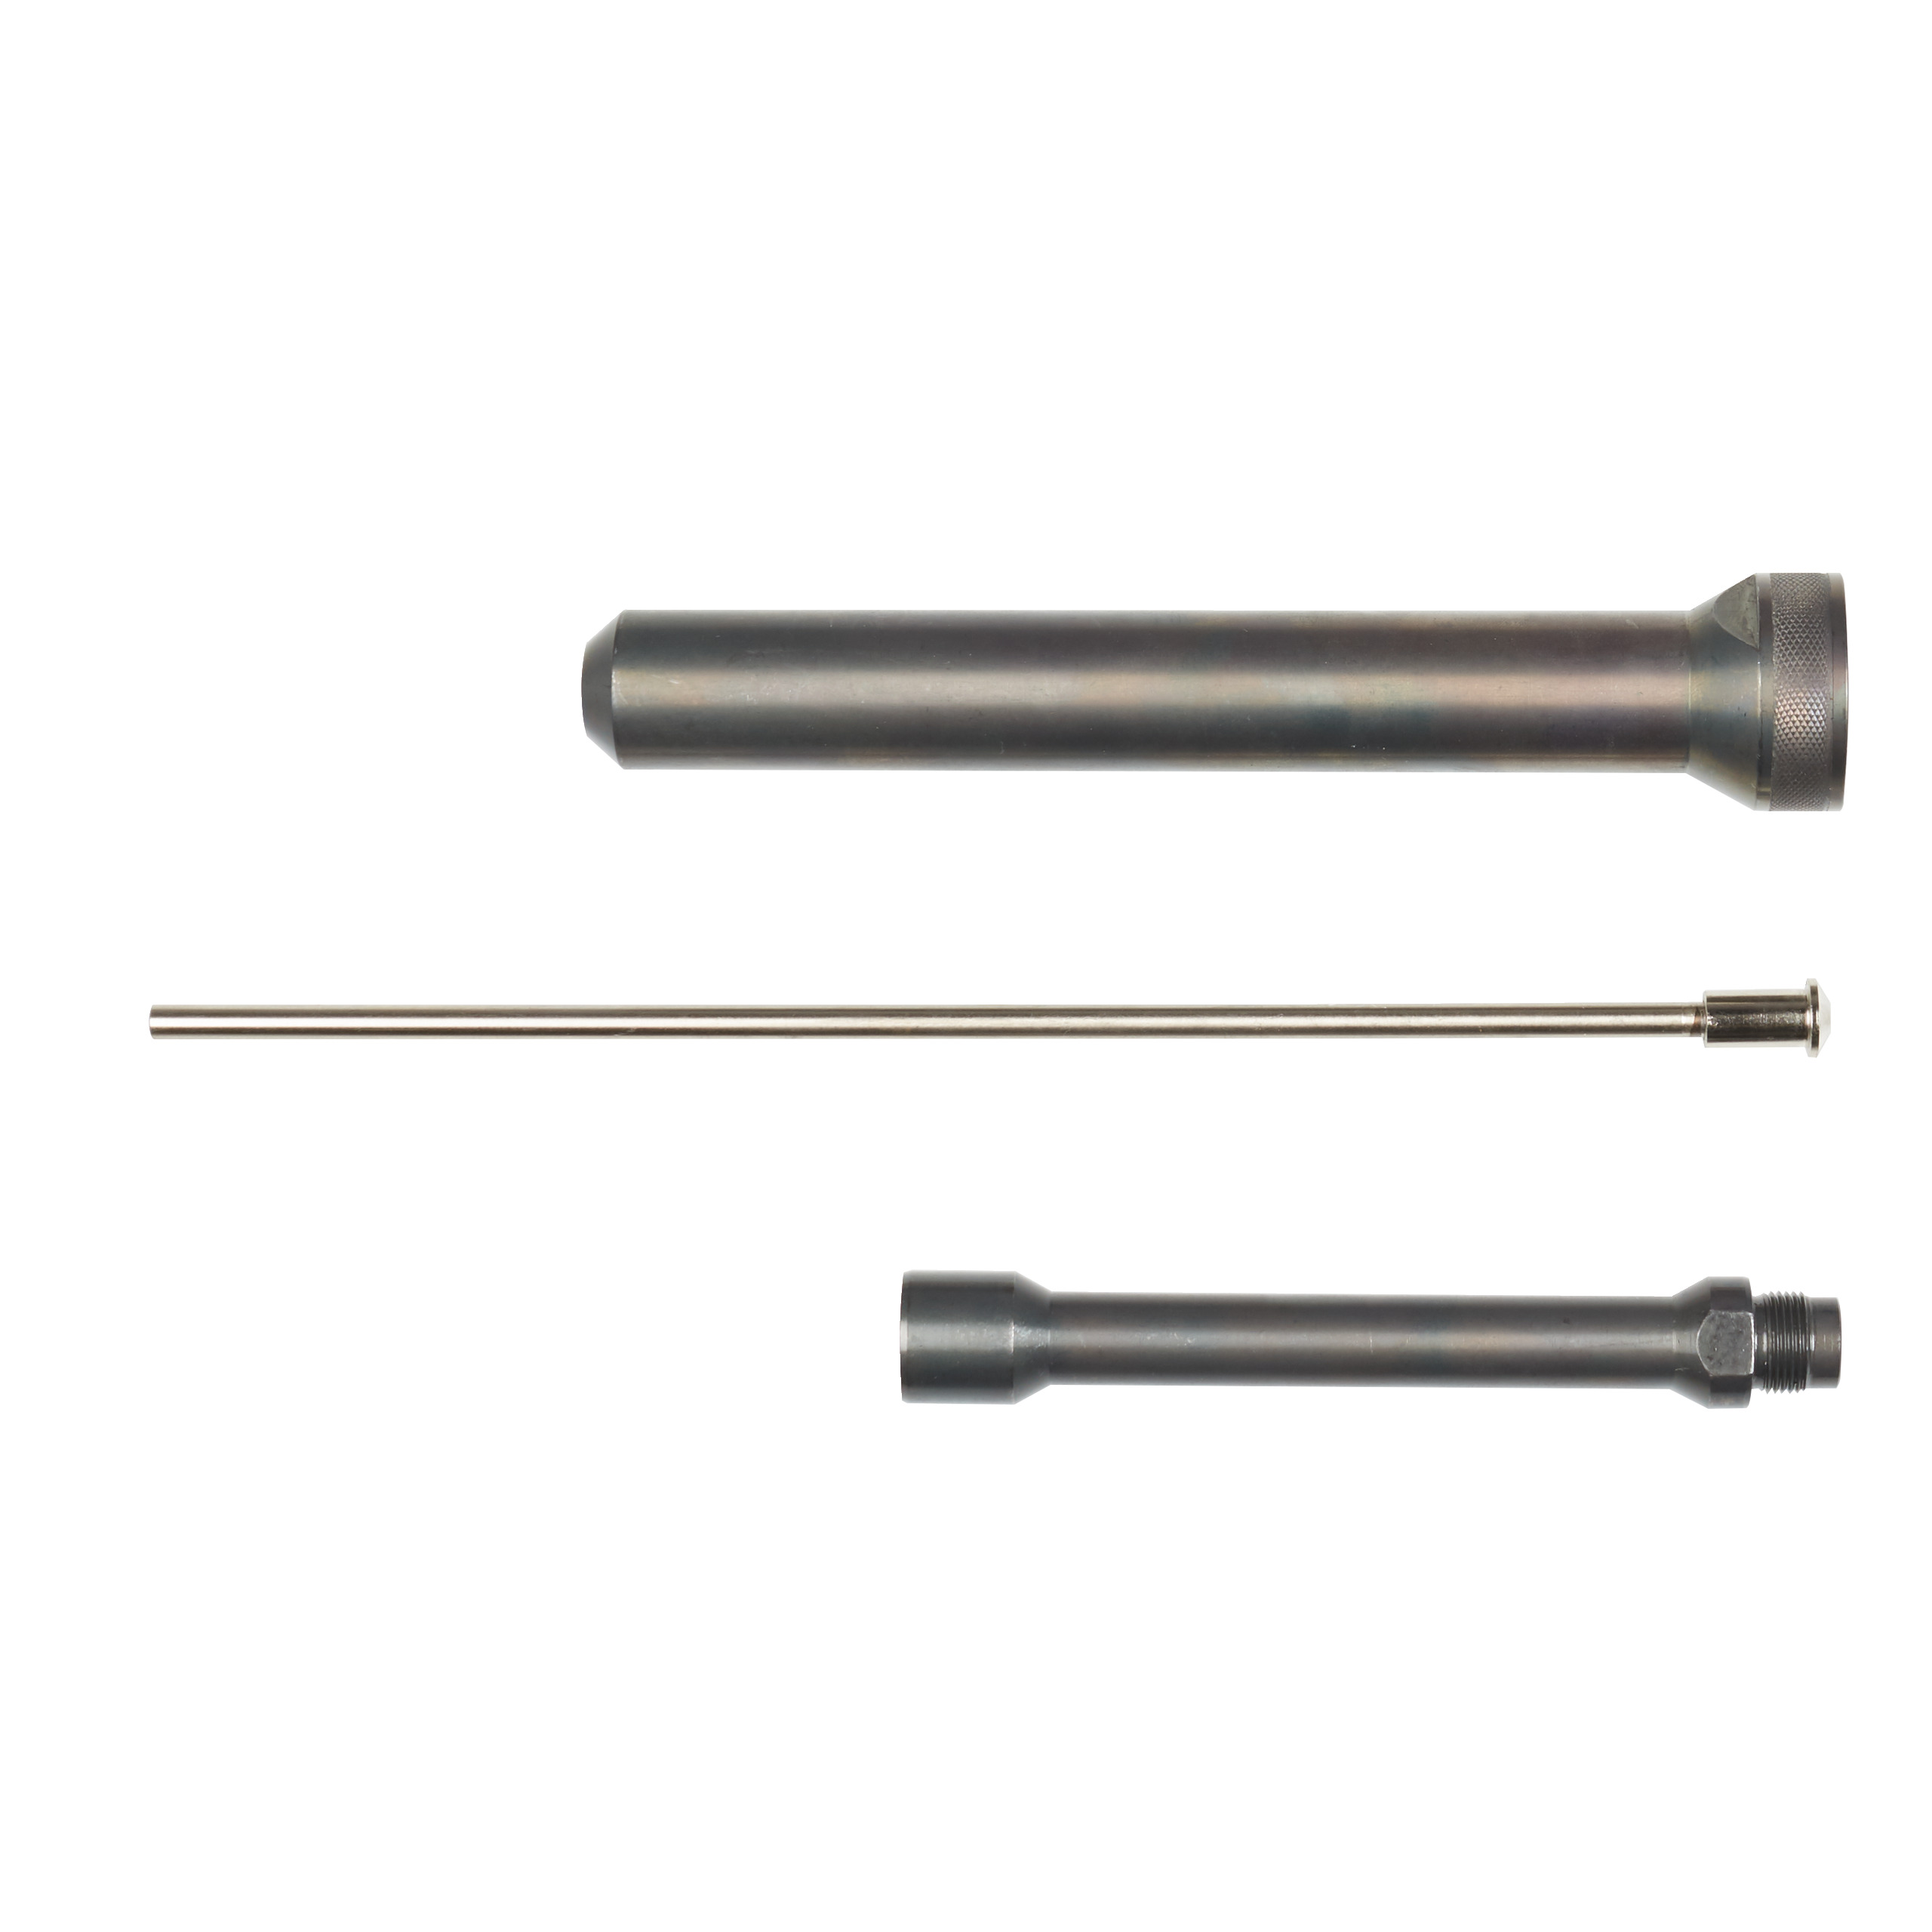 Prodlužovací souprava 152 mm pro M12™ kompaktní nýtovačku